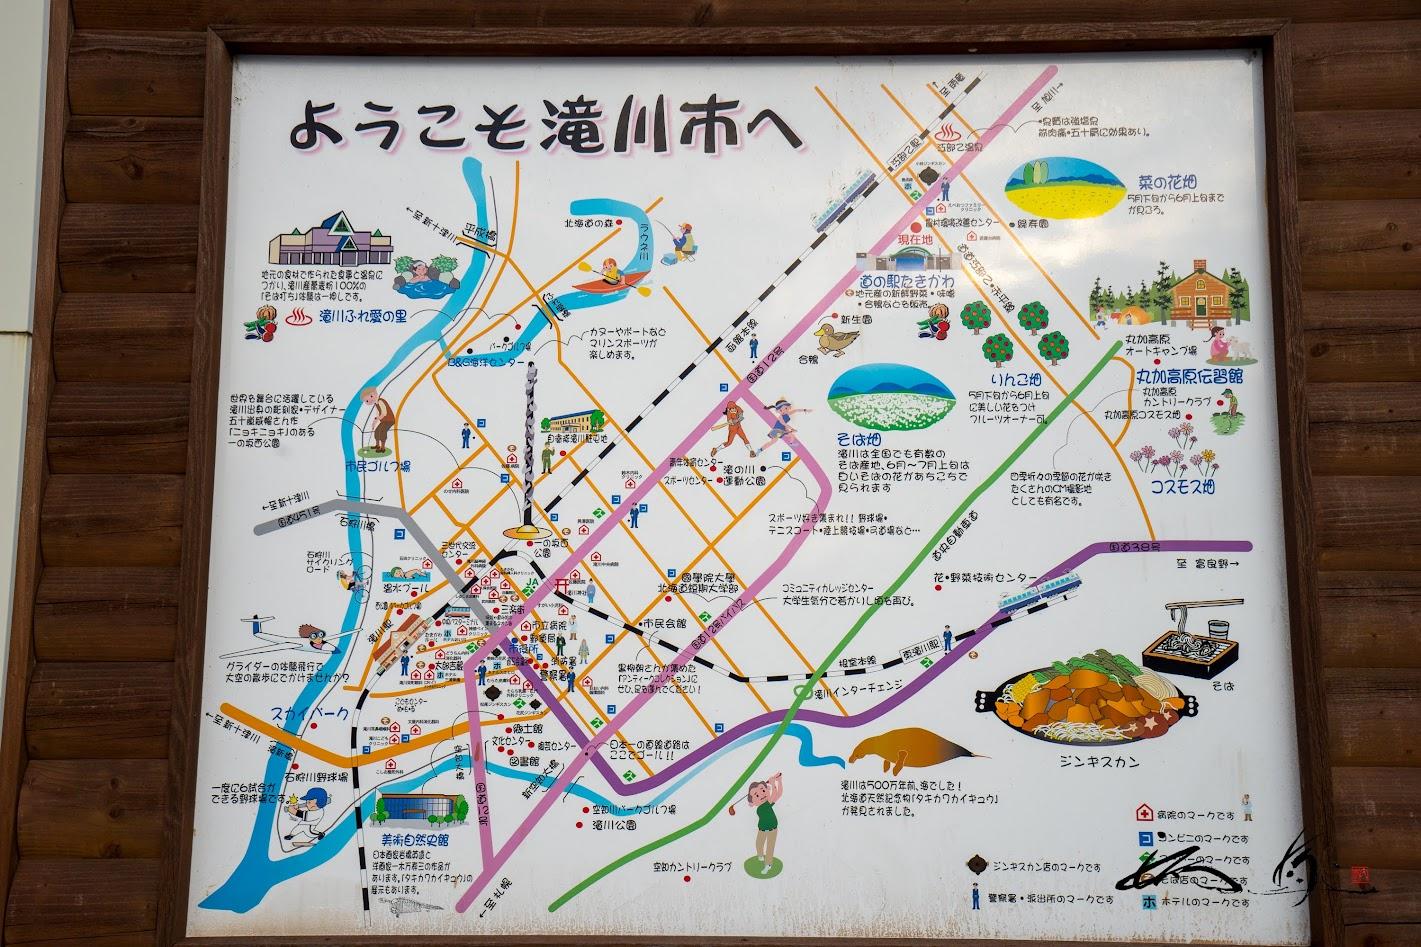 滝川市観光マップ